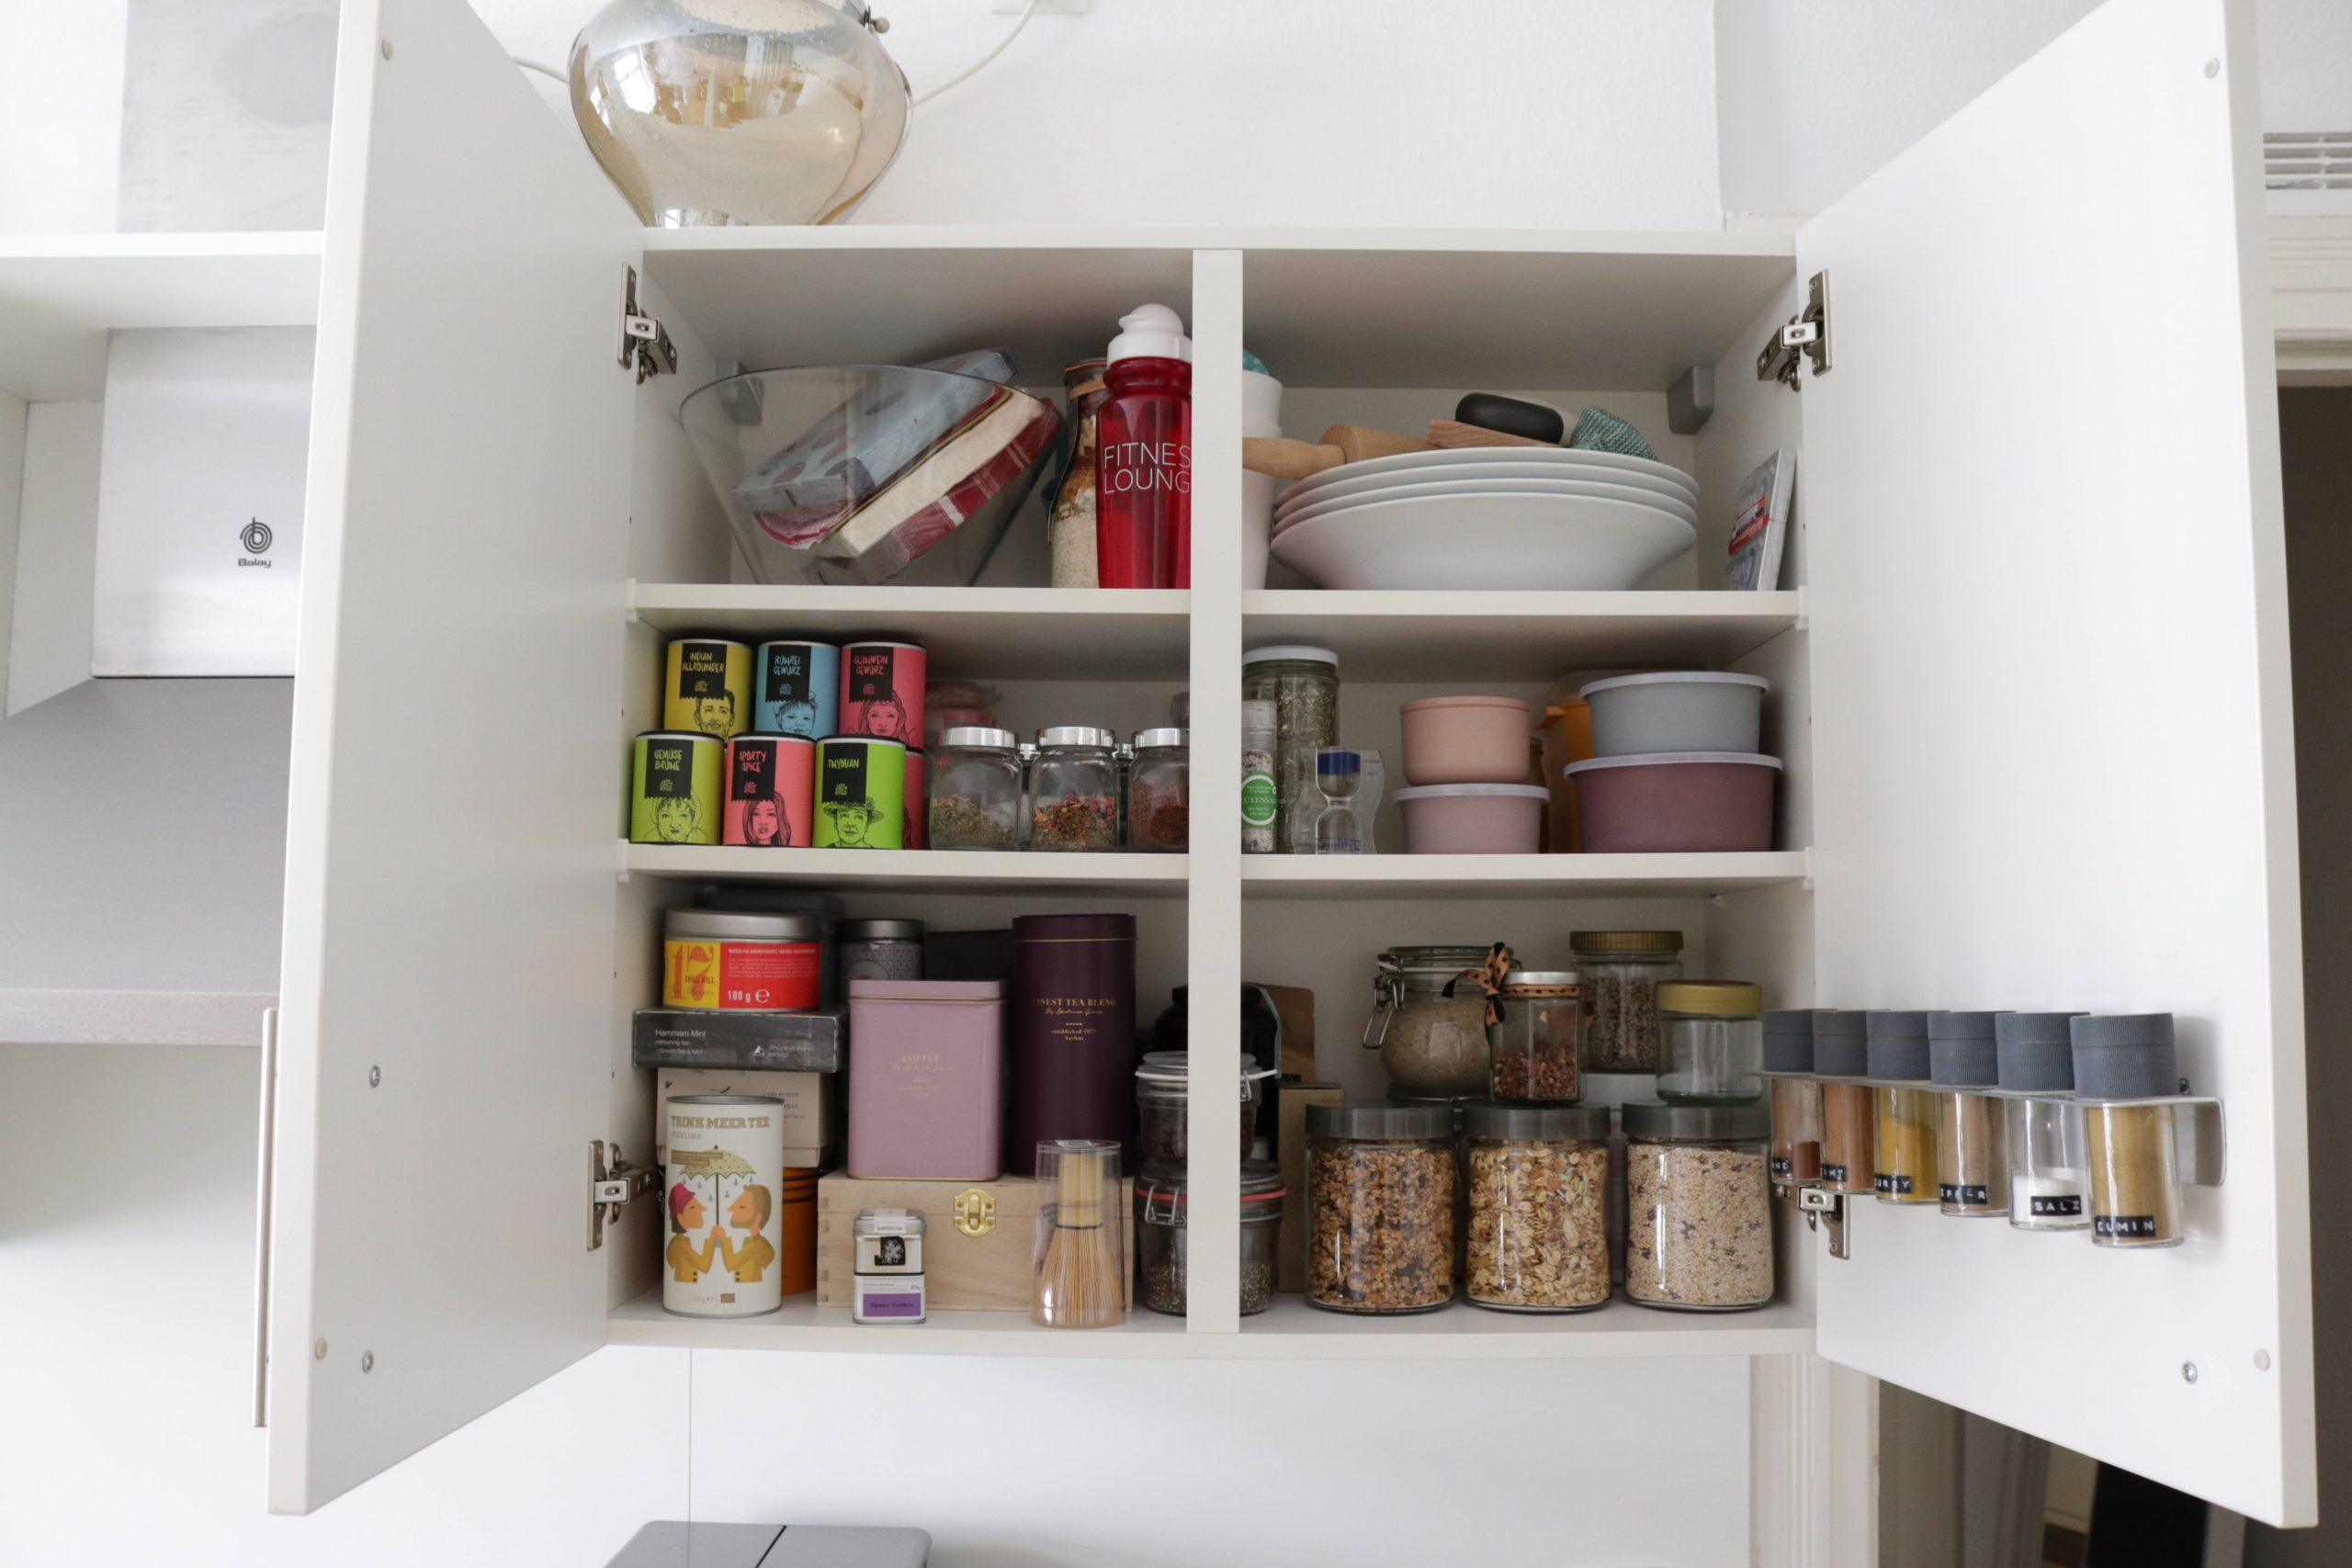 Full Size of Aufbewahrung Küche Regale Und Aufbewahrungen Einrichtungsstile Läufer Led Deckenleuchte Grifflose Billig Bodenbelag Sitzecke Kaufen Ikea Jalousieschrank Wohnzimmer Aufbewahrung Küche